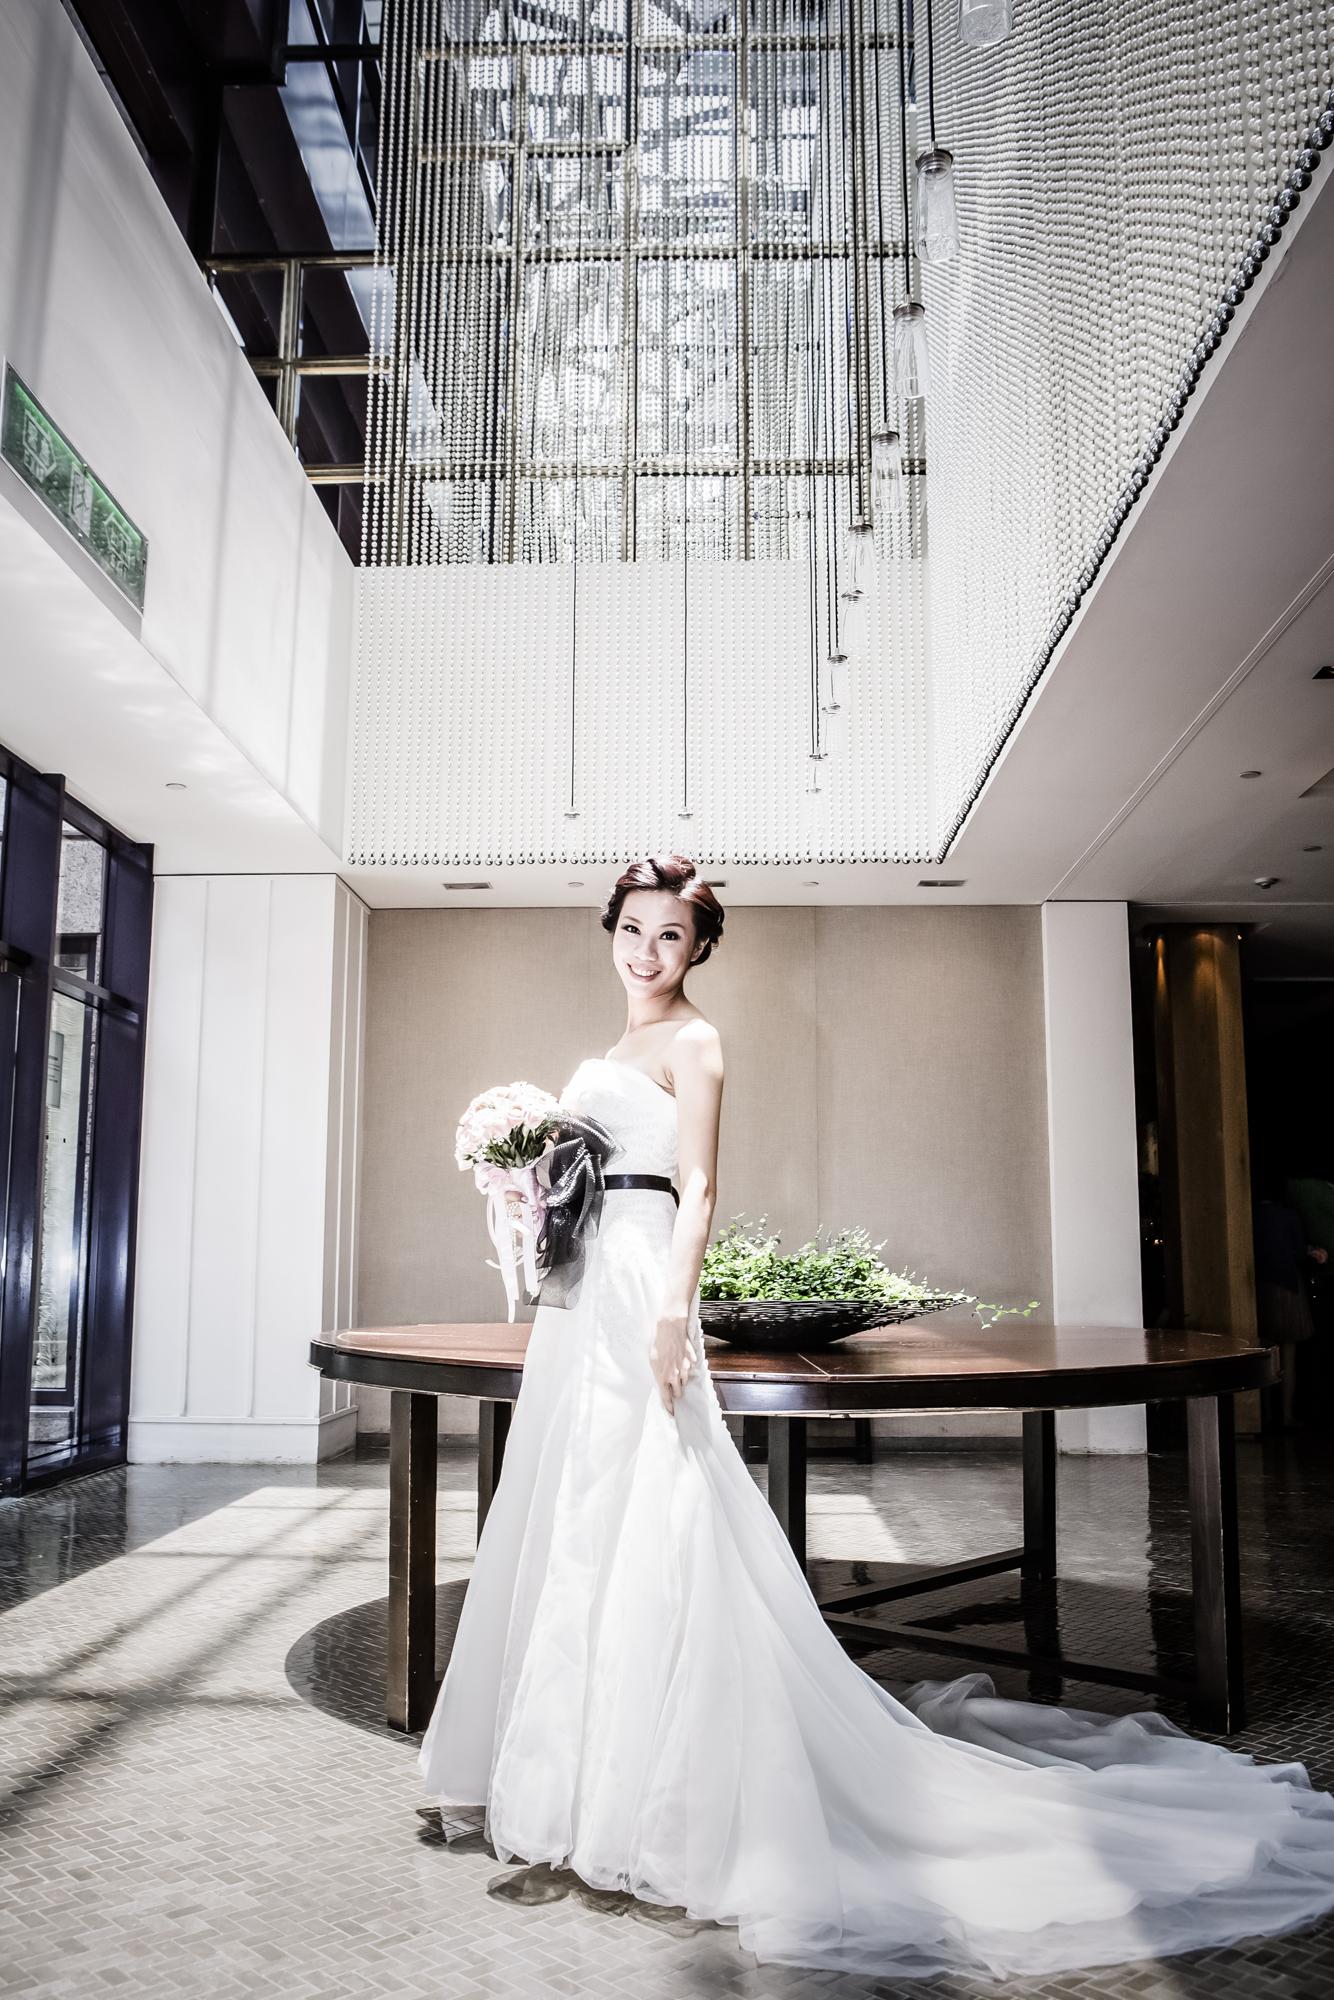 Grand Hyatt Taipei 君悅酒店結婚